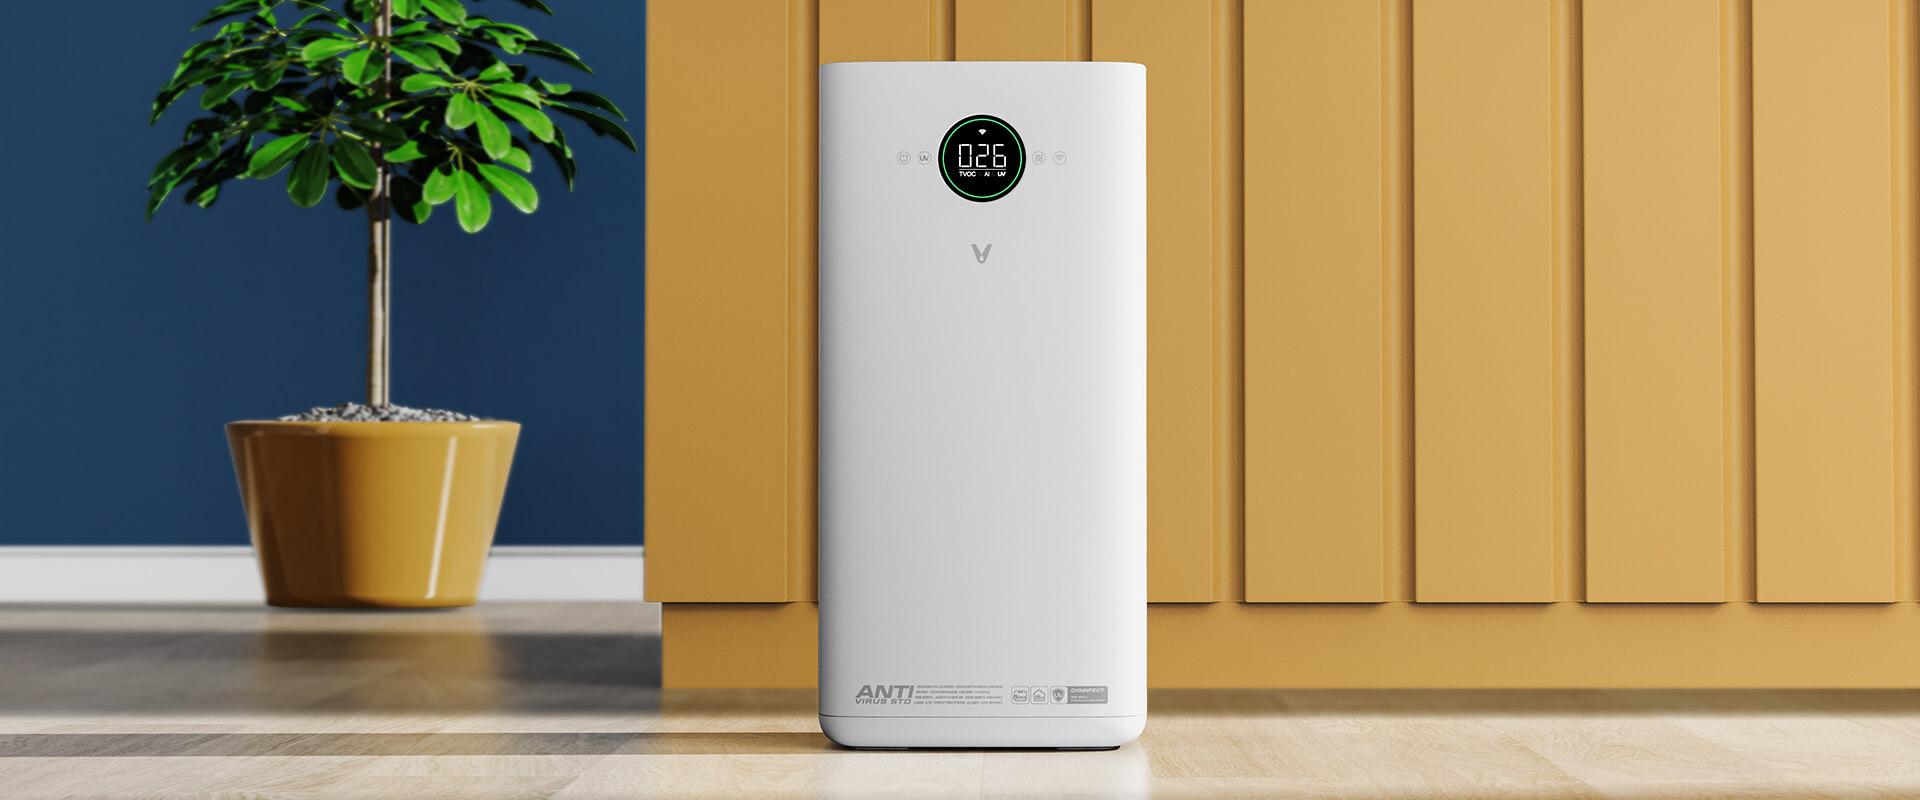 Viomi air purifier